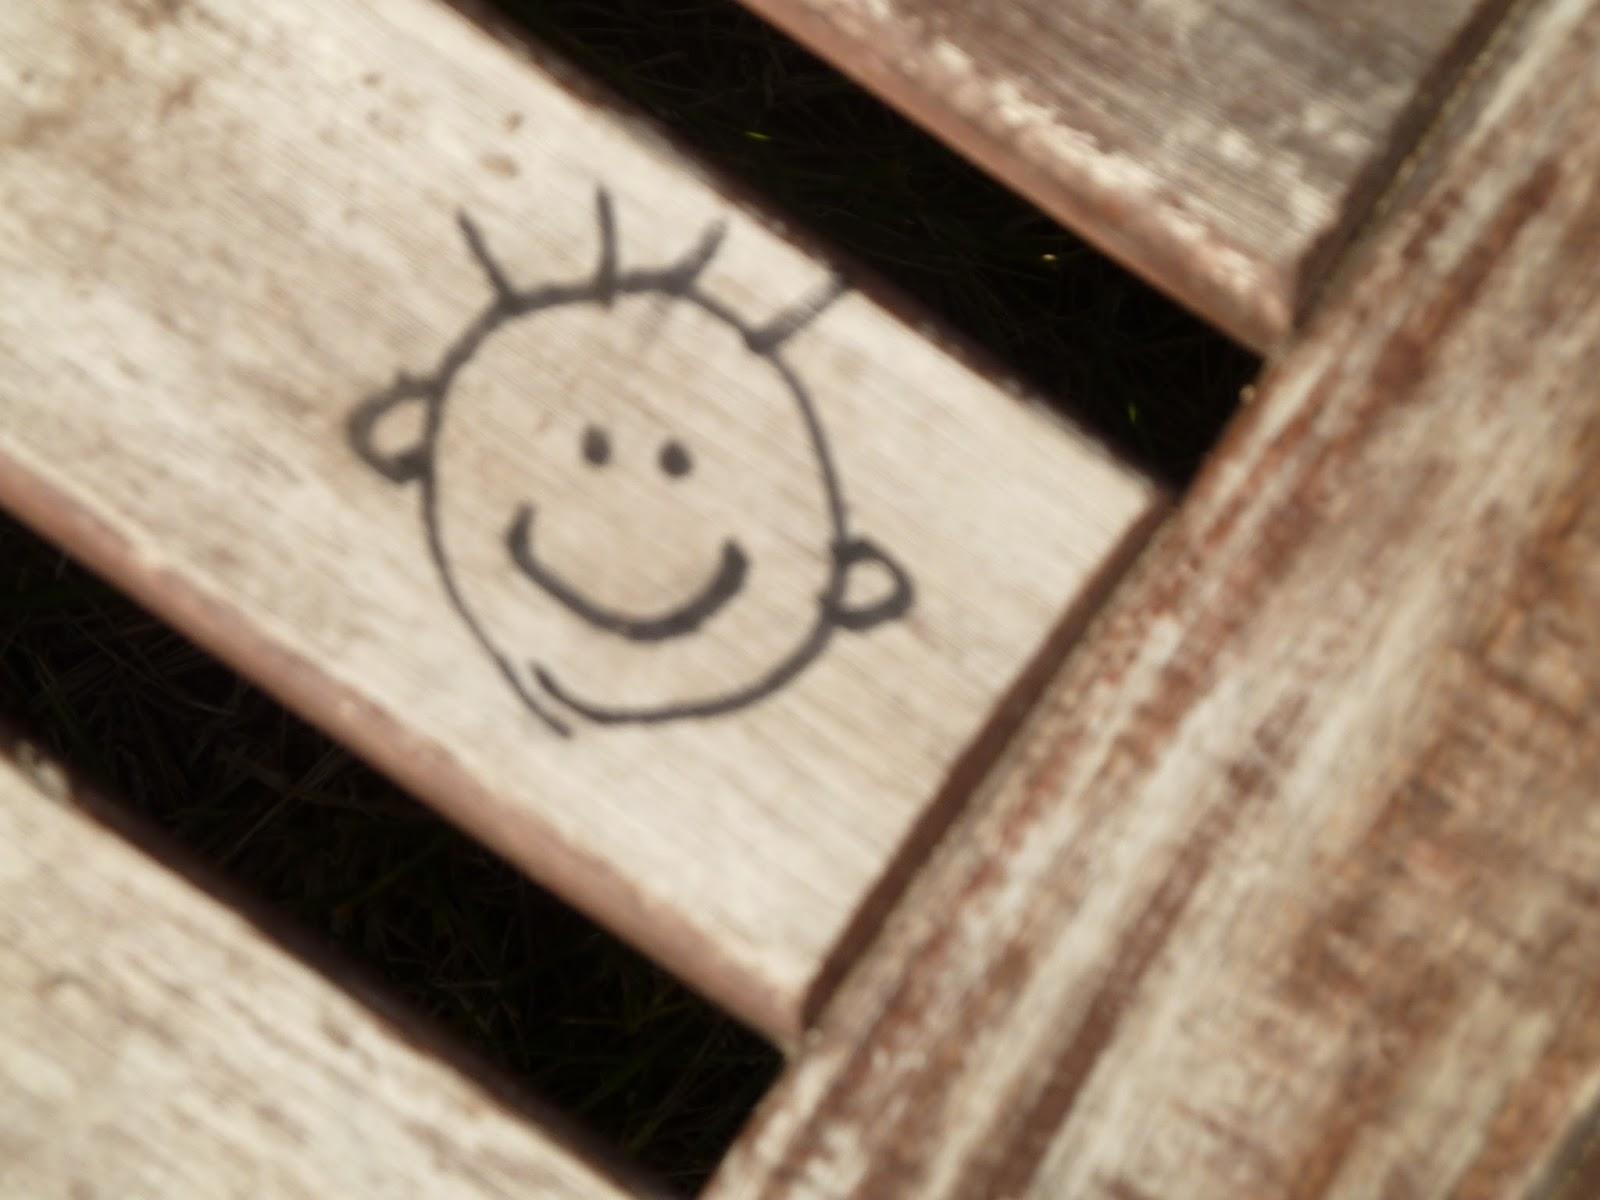 Anschauen und freuen: Anke Domscheit-Berg wagt den großen Wurf